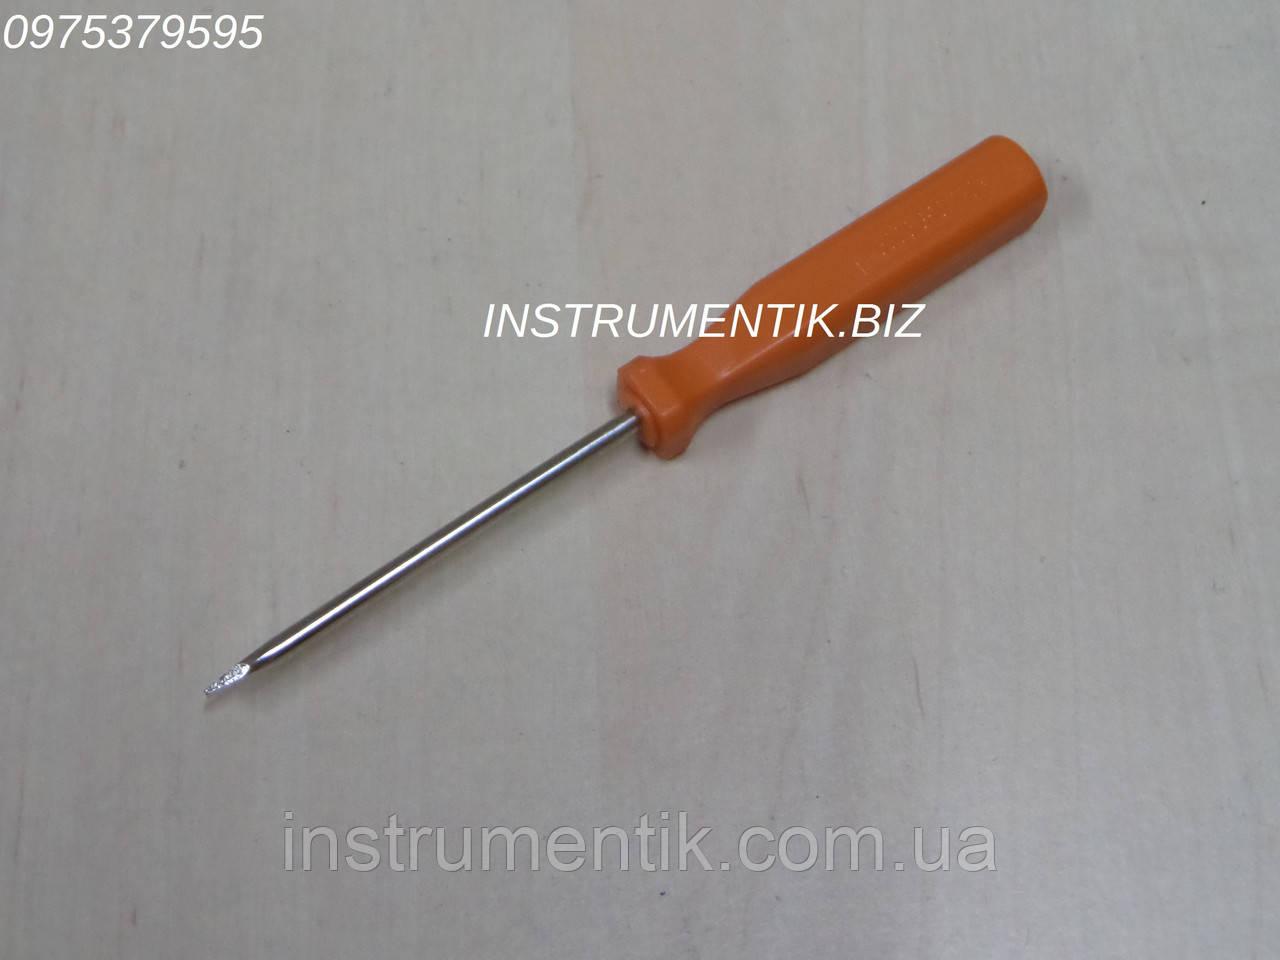 Отвертка для регулировки карбюратора Оригинал для Stihl MS 341, MS 361